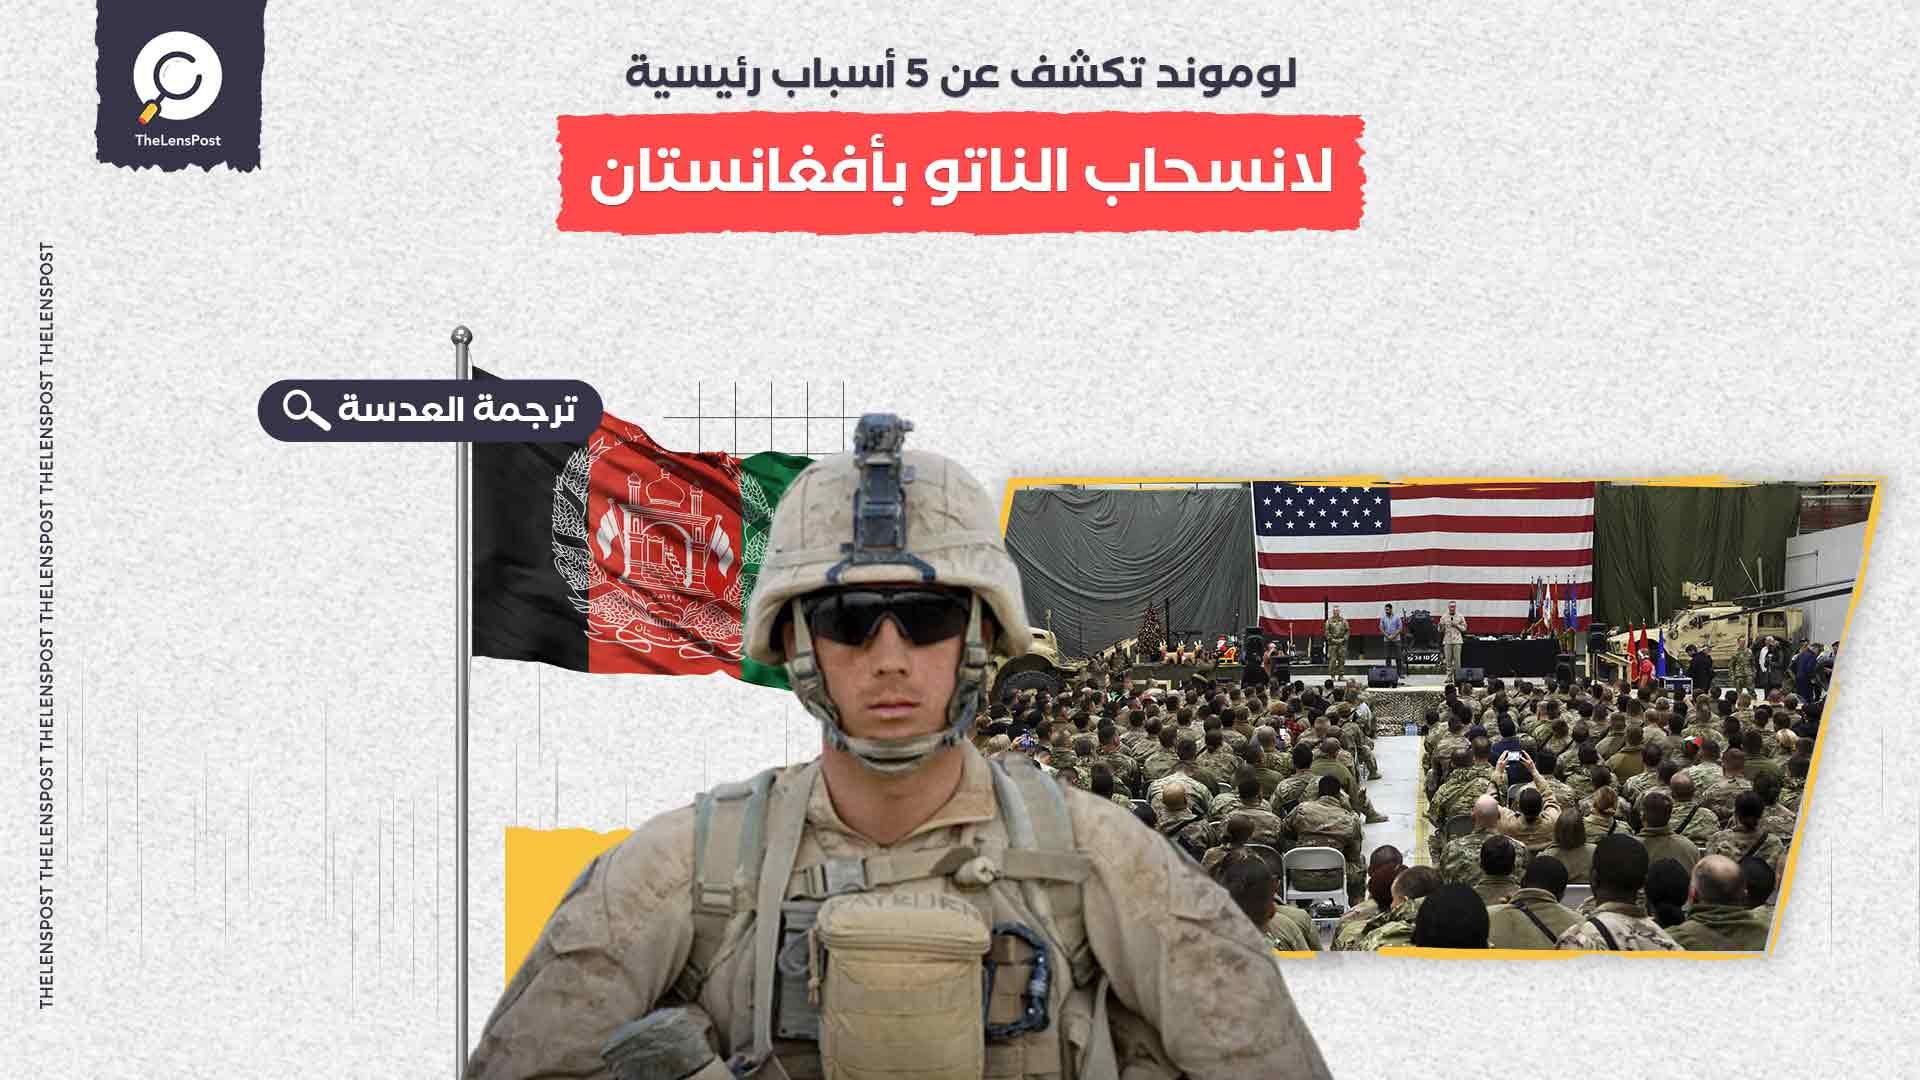 لوموند تكشف عن 5 أسباب رئيسية لانسحاب الناتو بأفغانستان